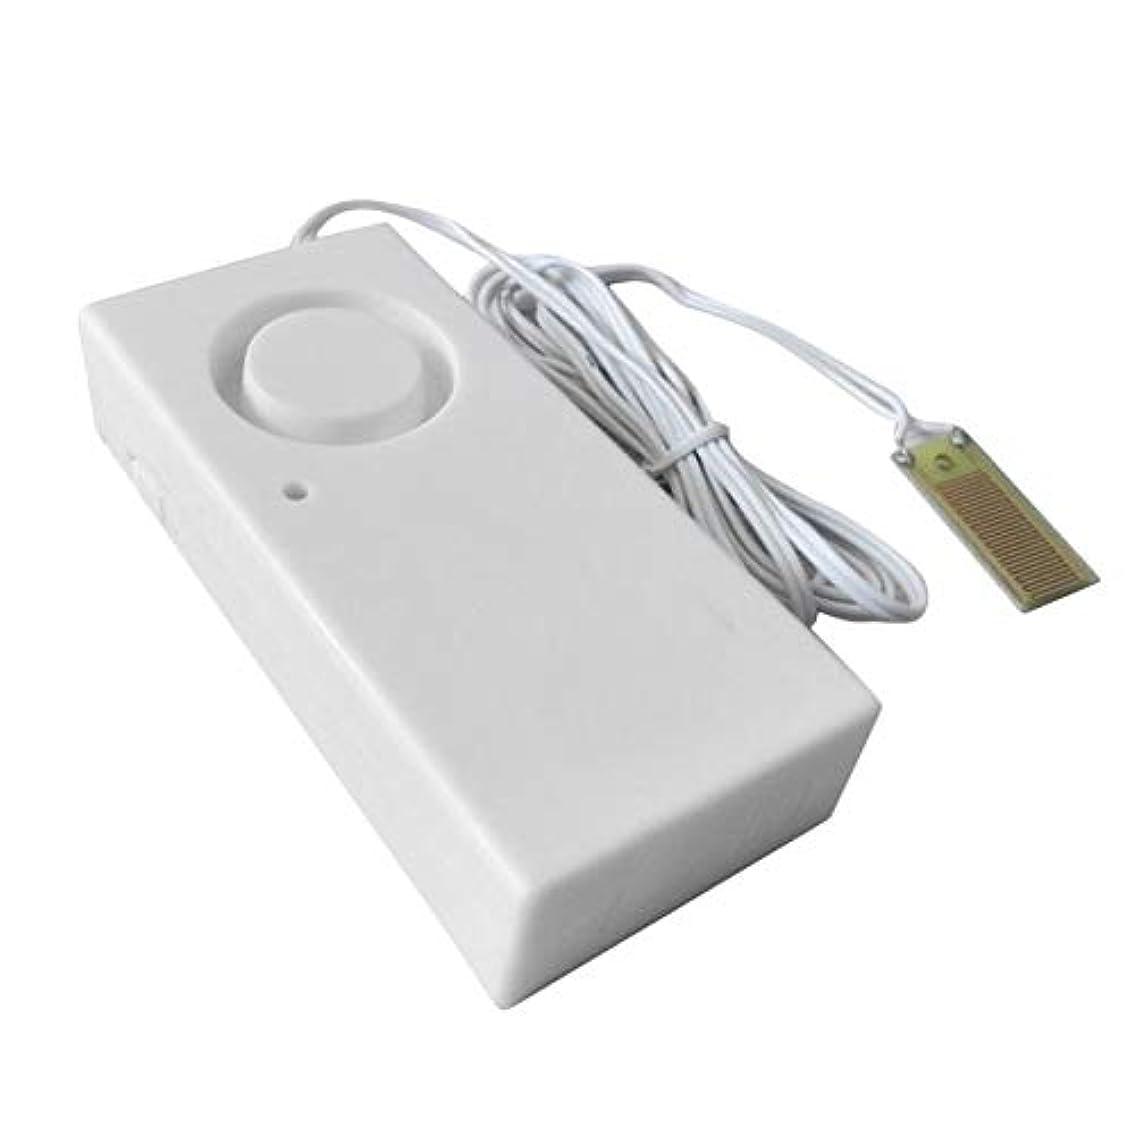 核手順配列Madeling 水オーバーフロー漏出警報センサーの探知器120dBの水位警報ホームセキュリティーの警報システムは単独で働きます